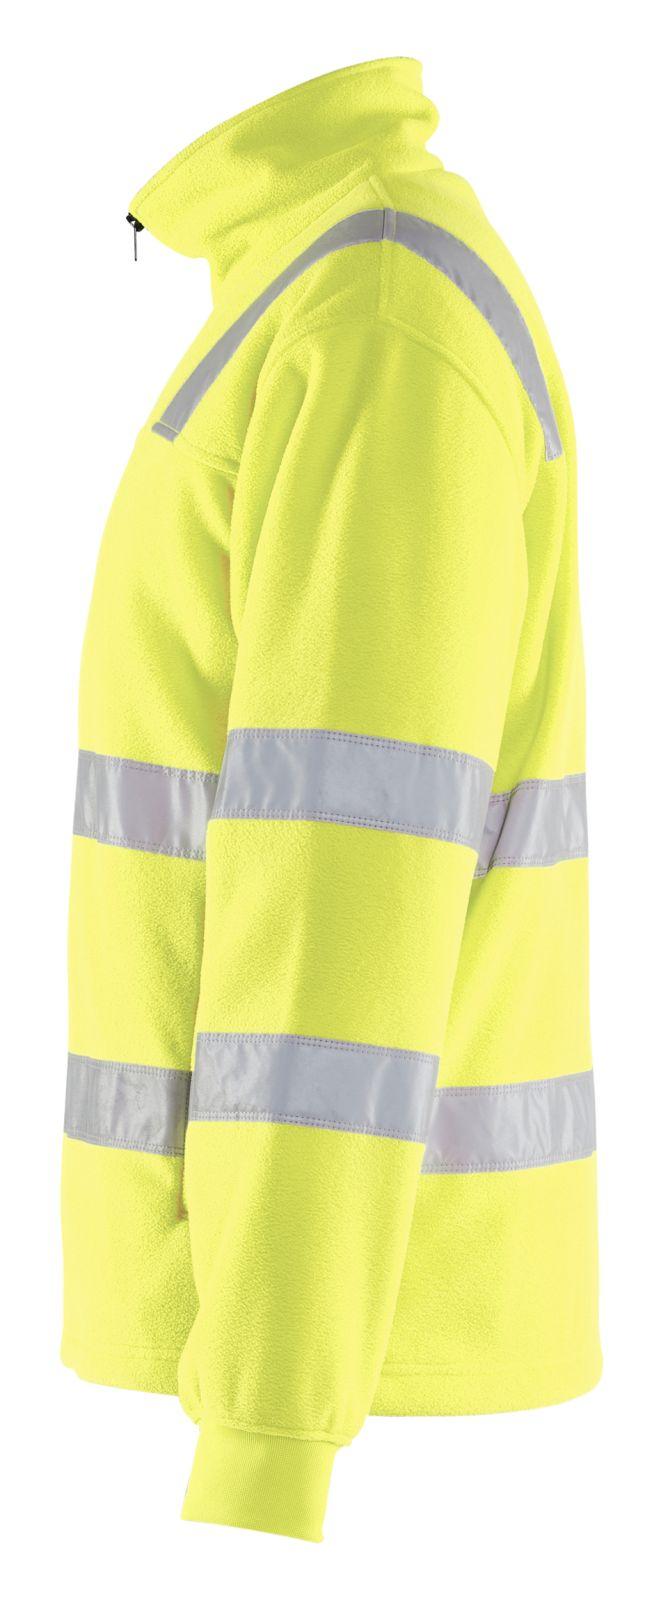 Blaklader Fleece vesten 48332560 High Vis geel(3300)